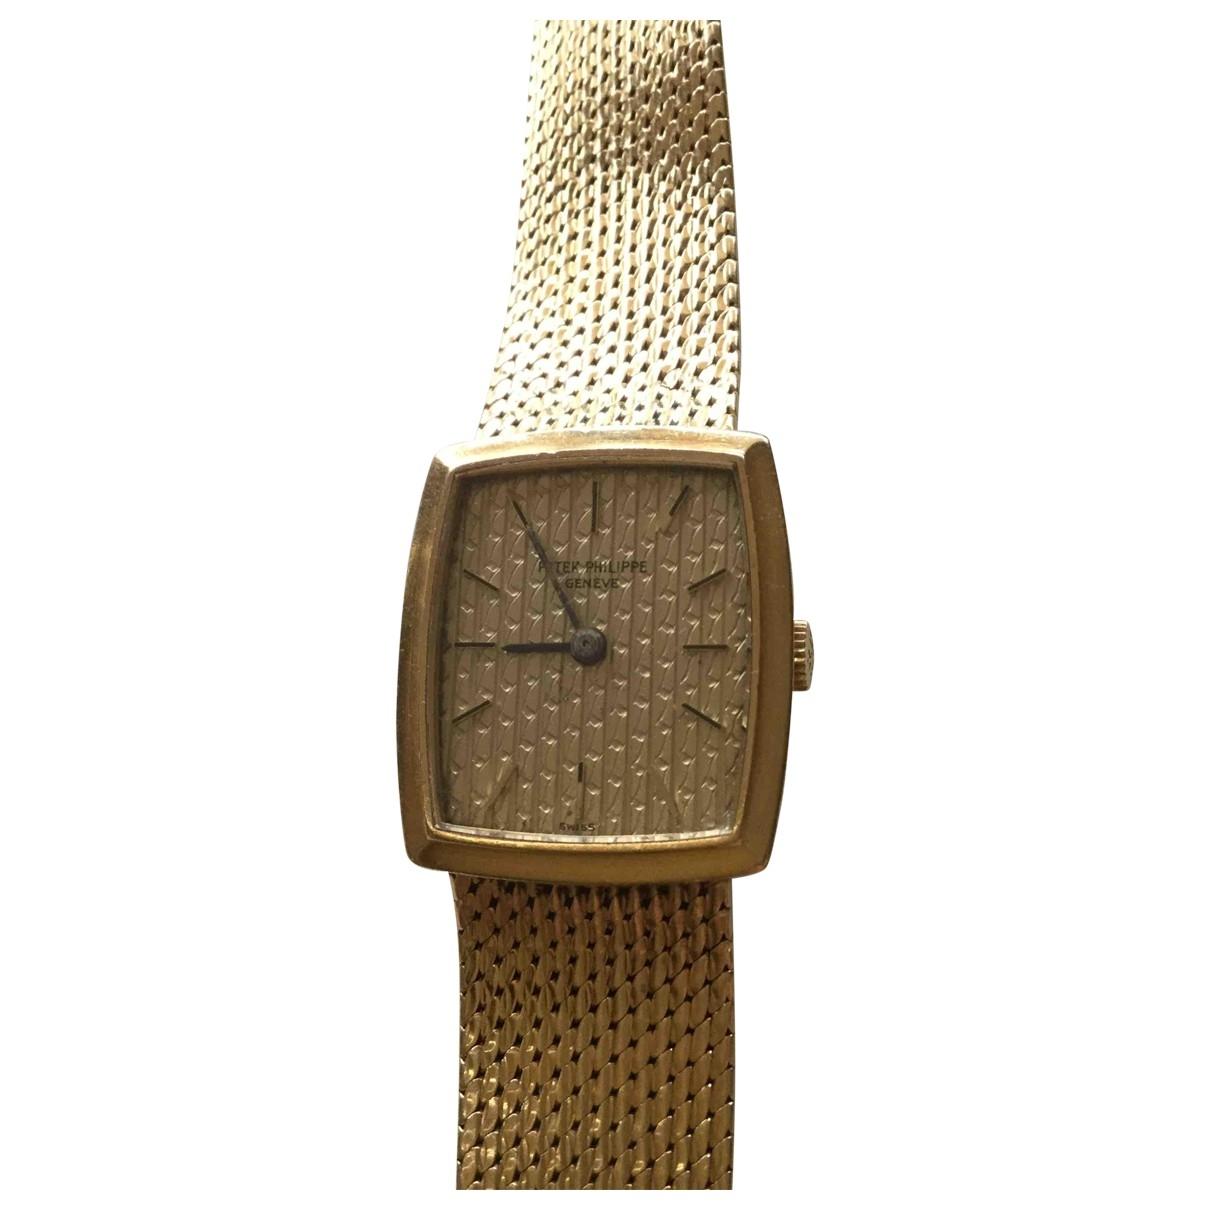 Patek Philippe \N Uhr in  Gold Gelbgold